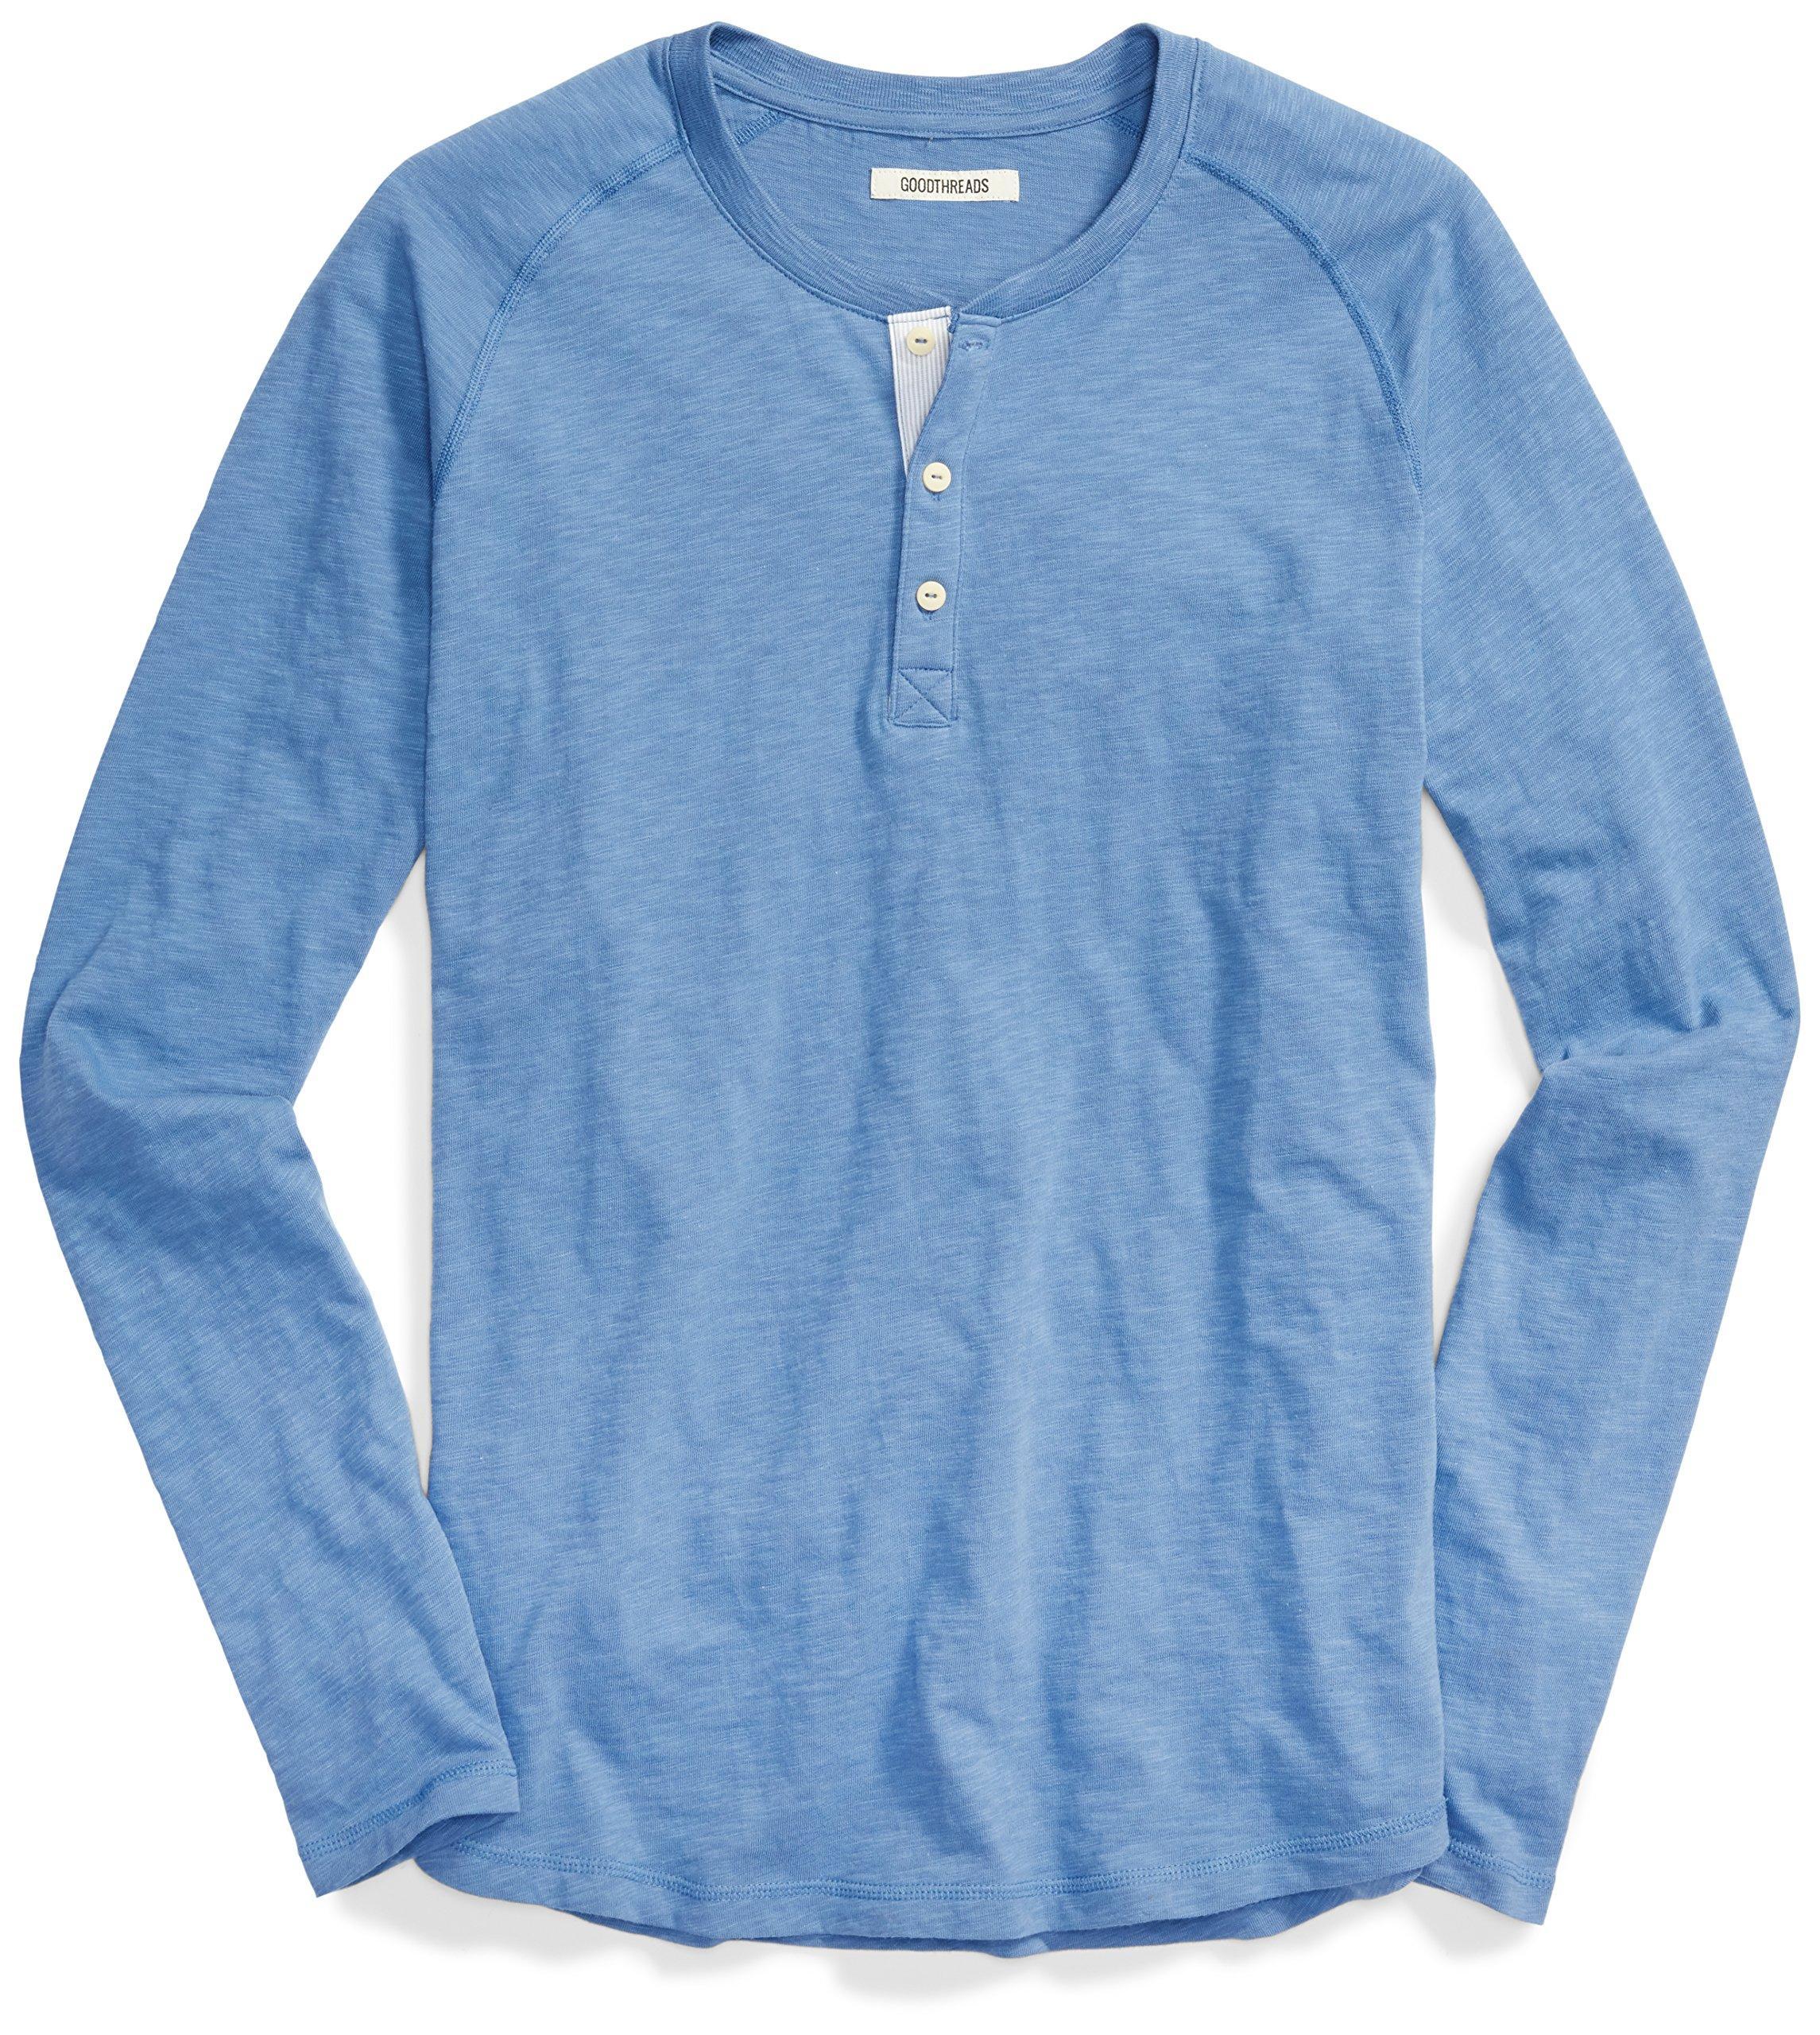 a41f9d5a67c2 Goodthreads Men's Long-Sleeve Lightweight Slub Henley, Moonlight Blue/Blue,  Medium